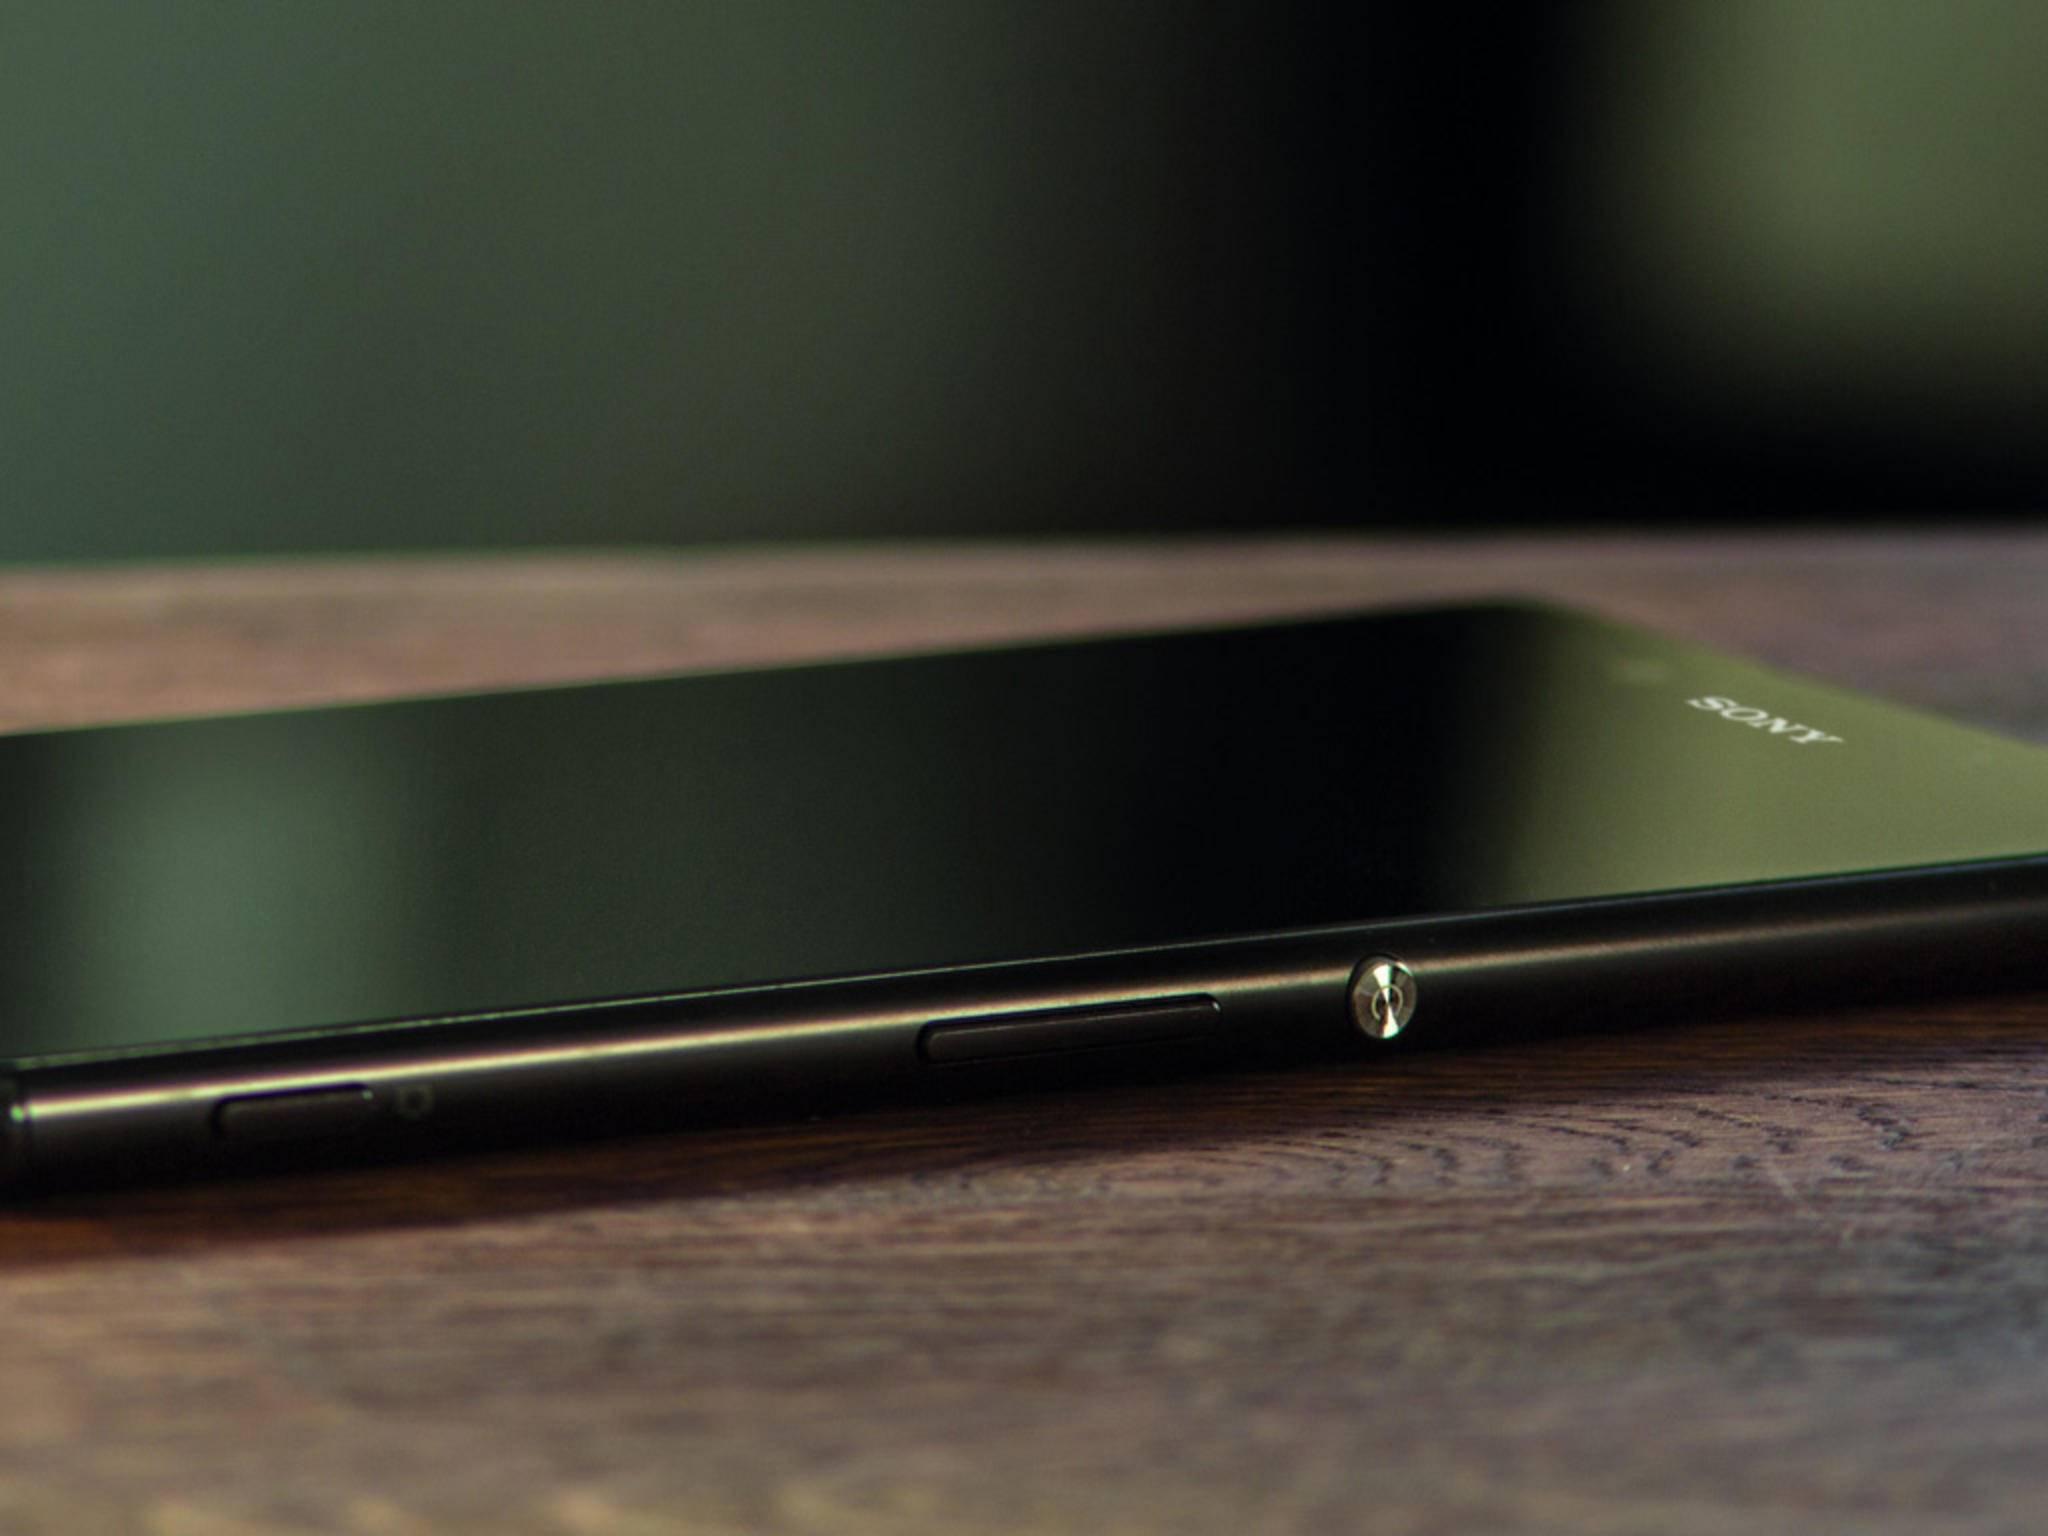 Wird Sony für sein Phablet-Flaggschiff Xperia Z5+ wirklich auf ein 4K-Display setzen?